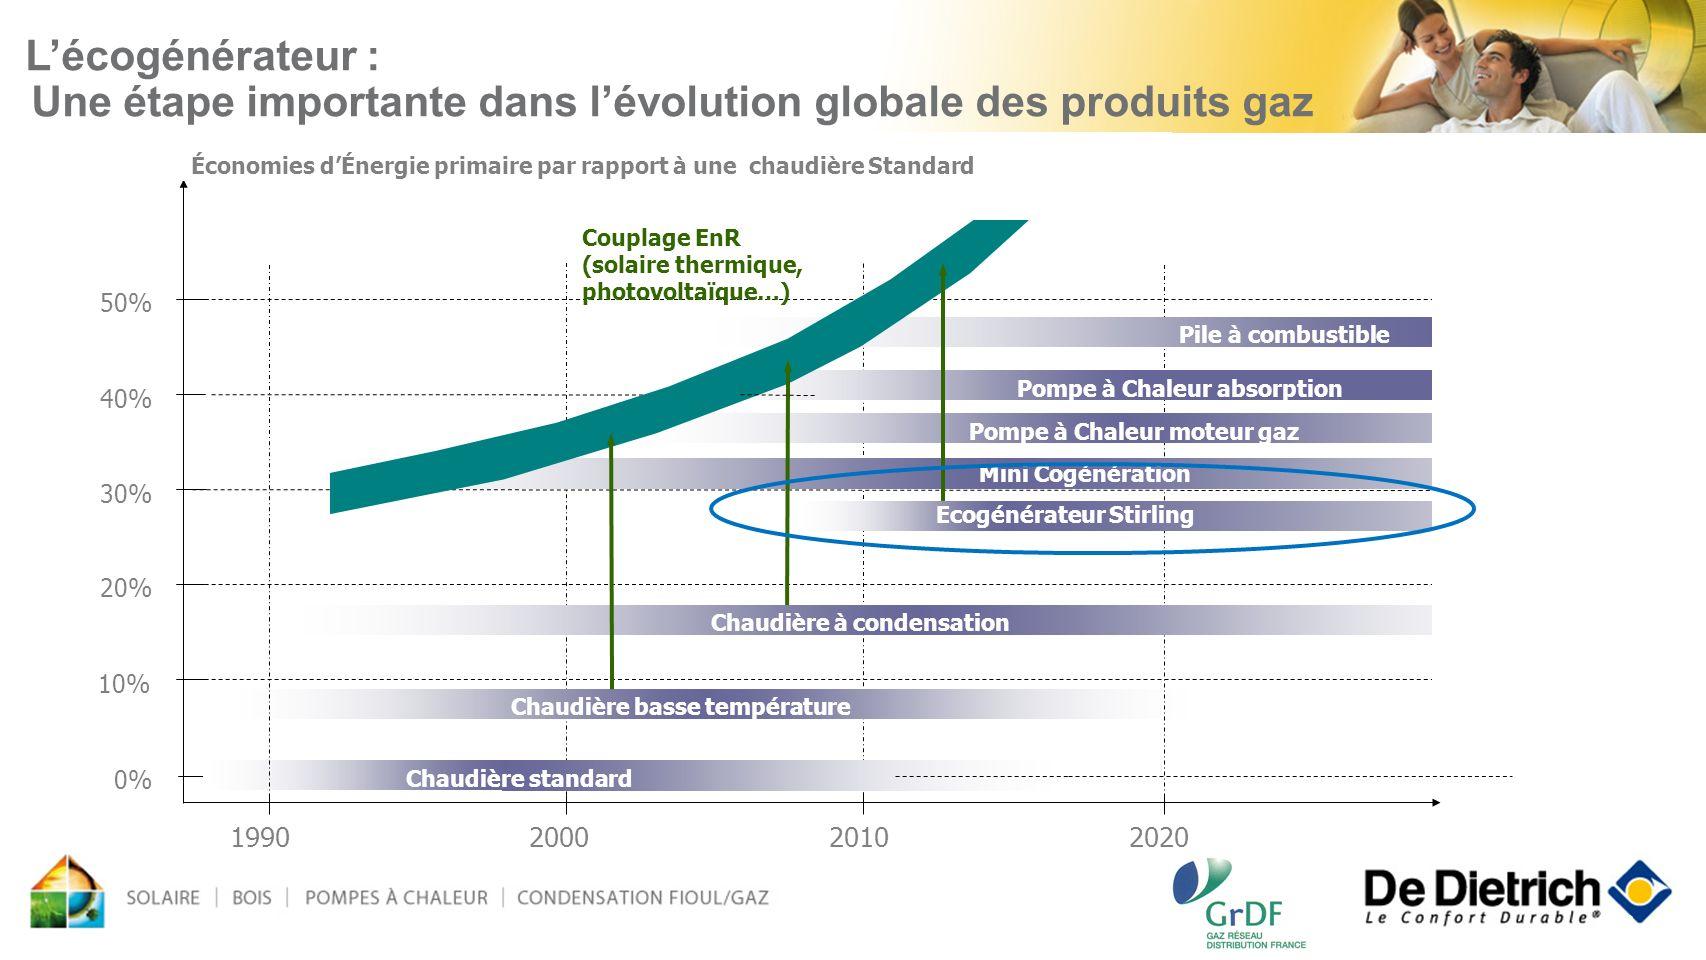 L'écogénérateur : Une étape importante dans l'évolution globale des produits gaz